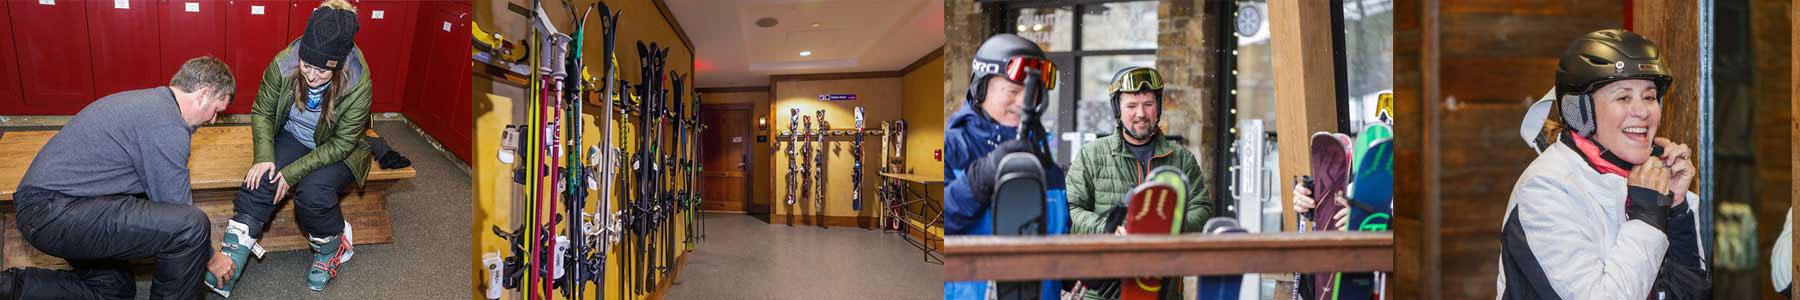 ski valet photos - Alpine Mountain Summit Club